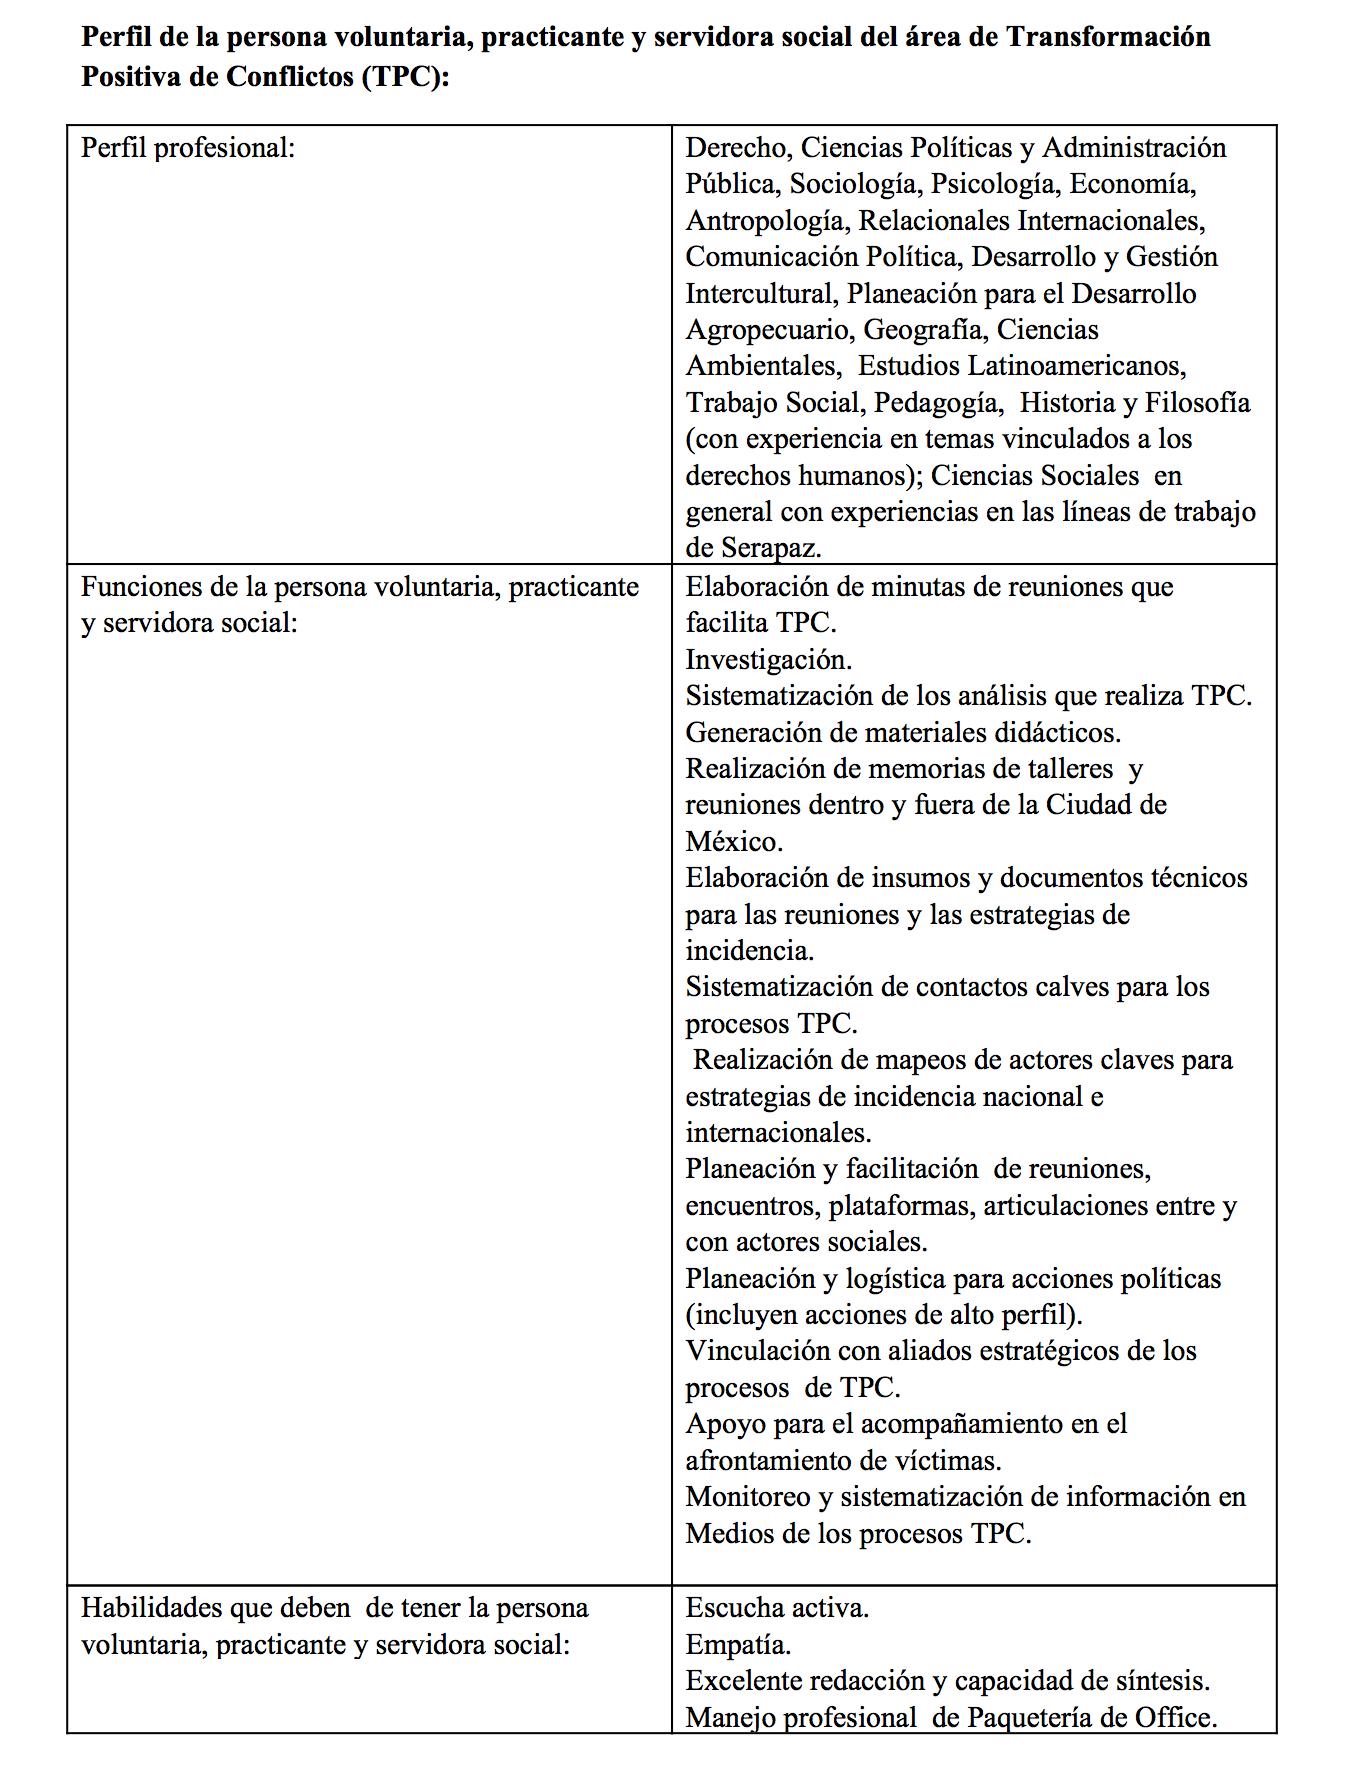 TRANSFORTMACIÓN POSITIVA DE CONFLICTOS_1